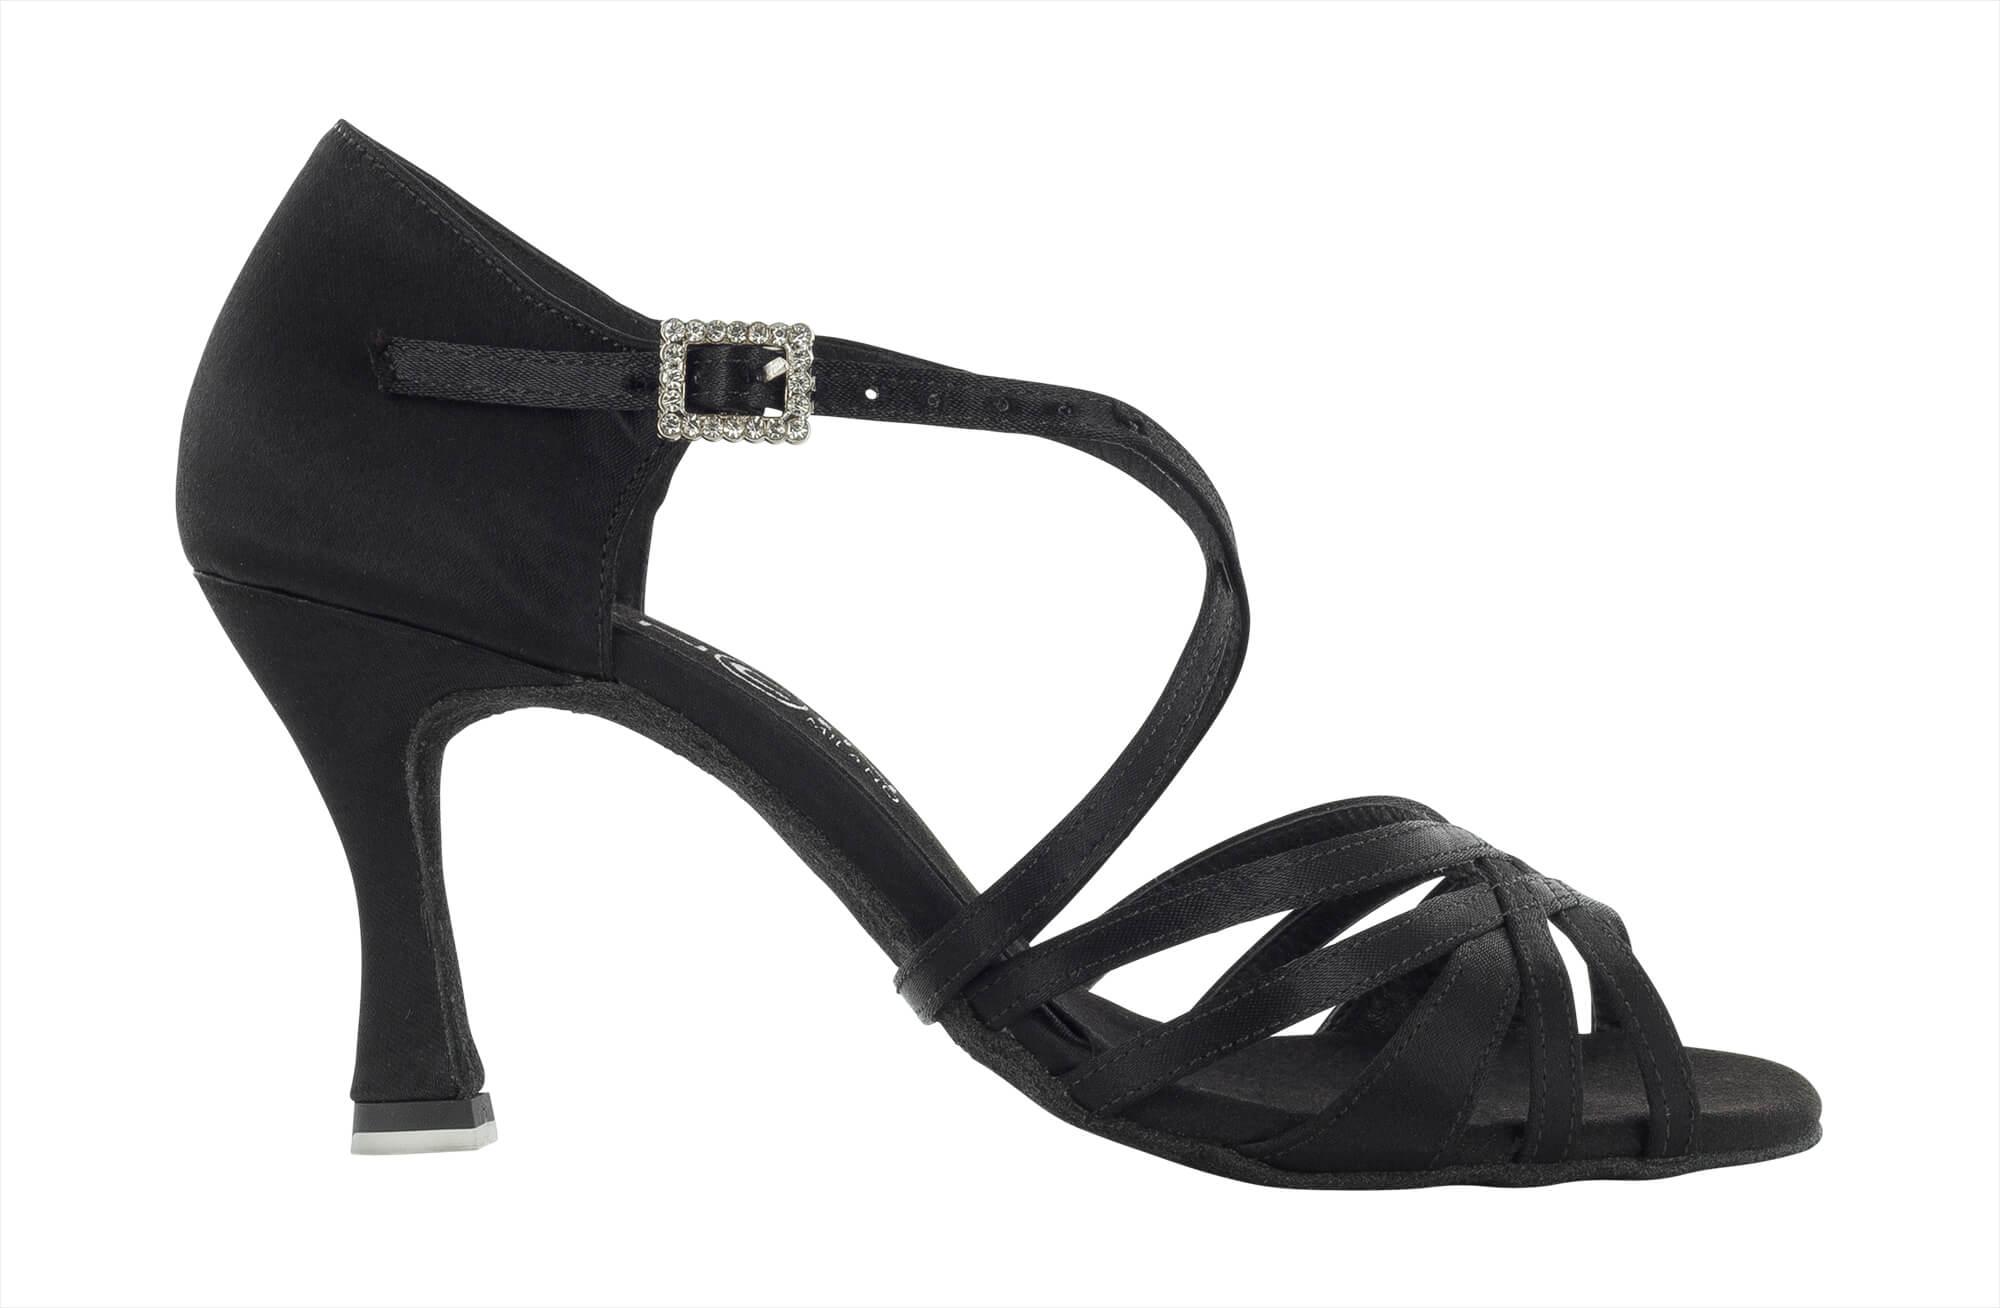 Zapato de baile Danc'in en Satén Negro con Tacón de 7'5cm